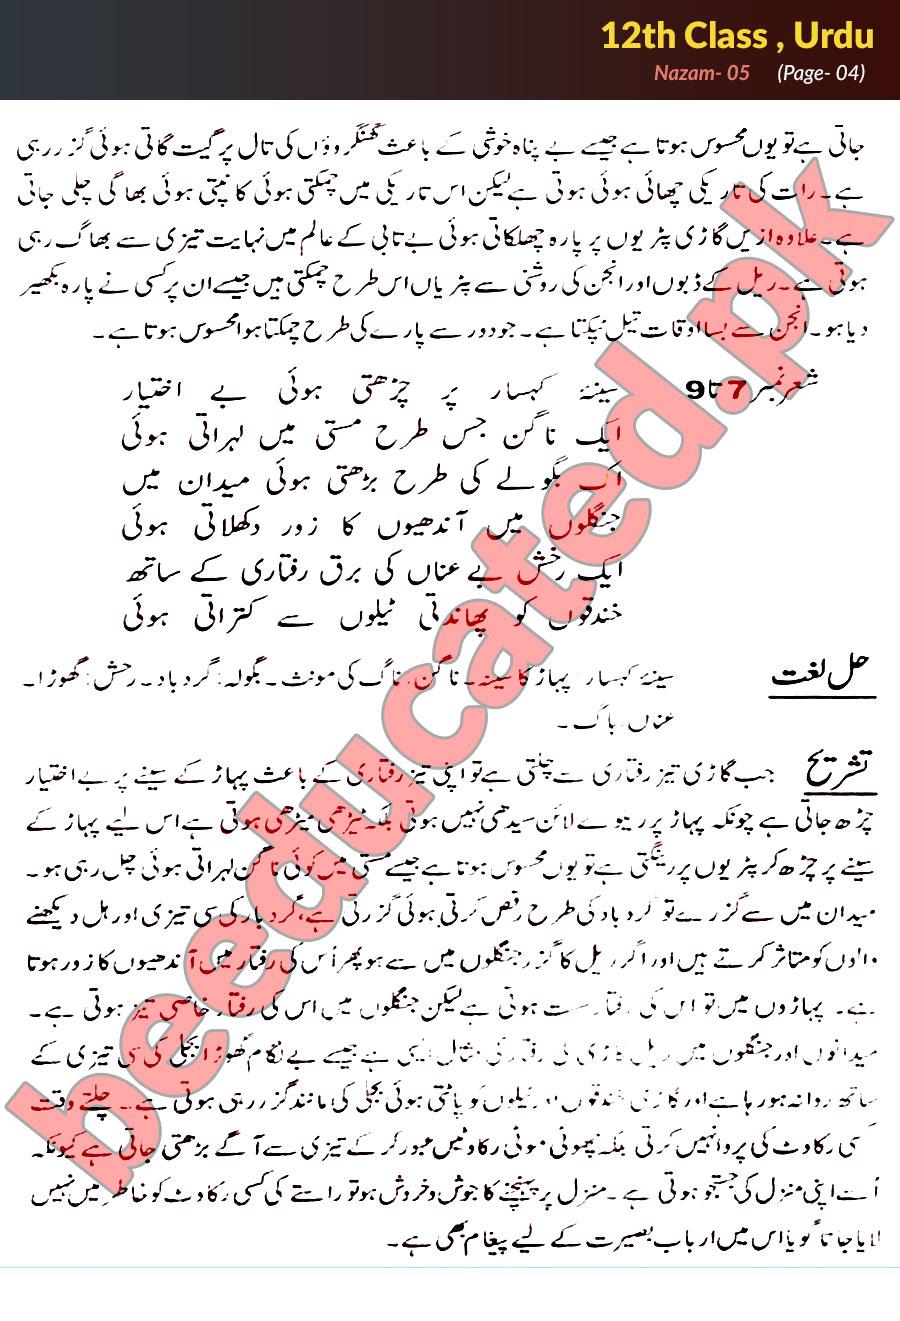 Poem 5 Urdu FSc Part 2 Notes - Inter Part 2 Notes